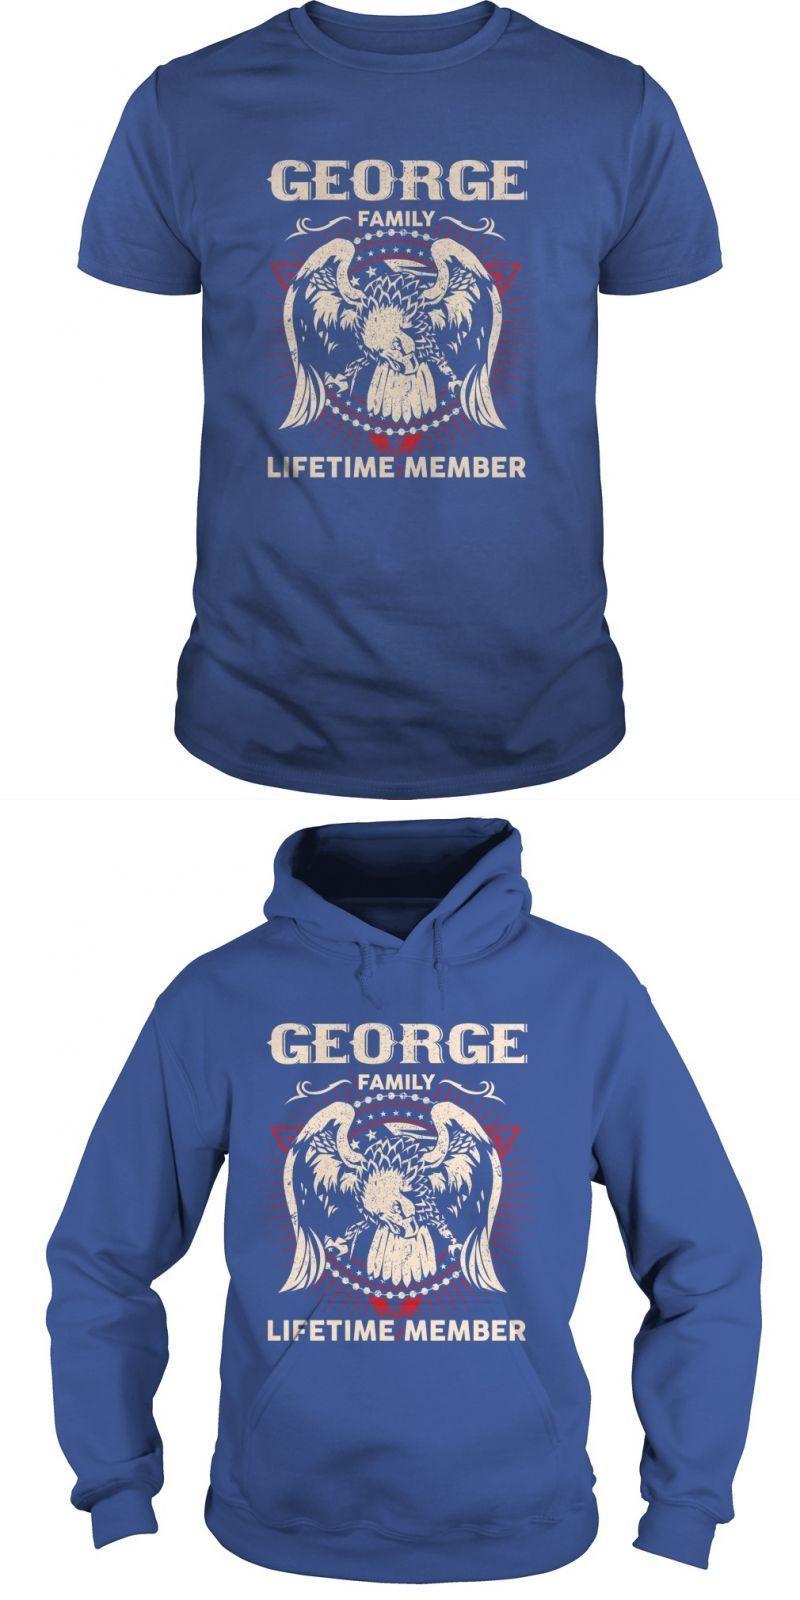 George t shirt dress george family lifetime member eddie george